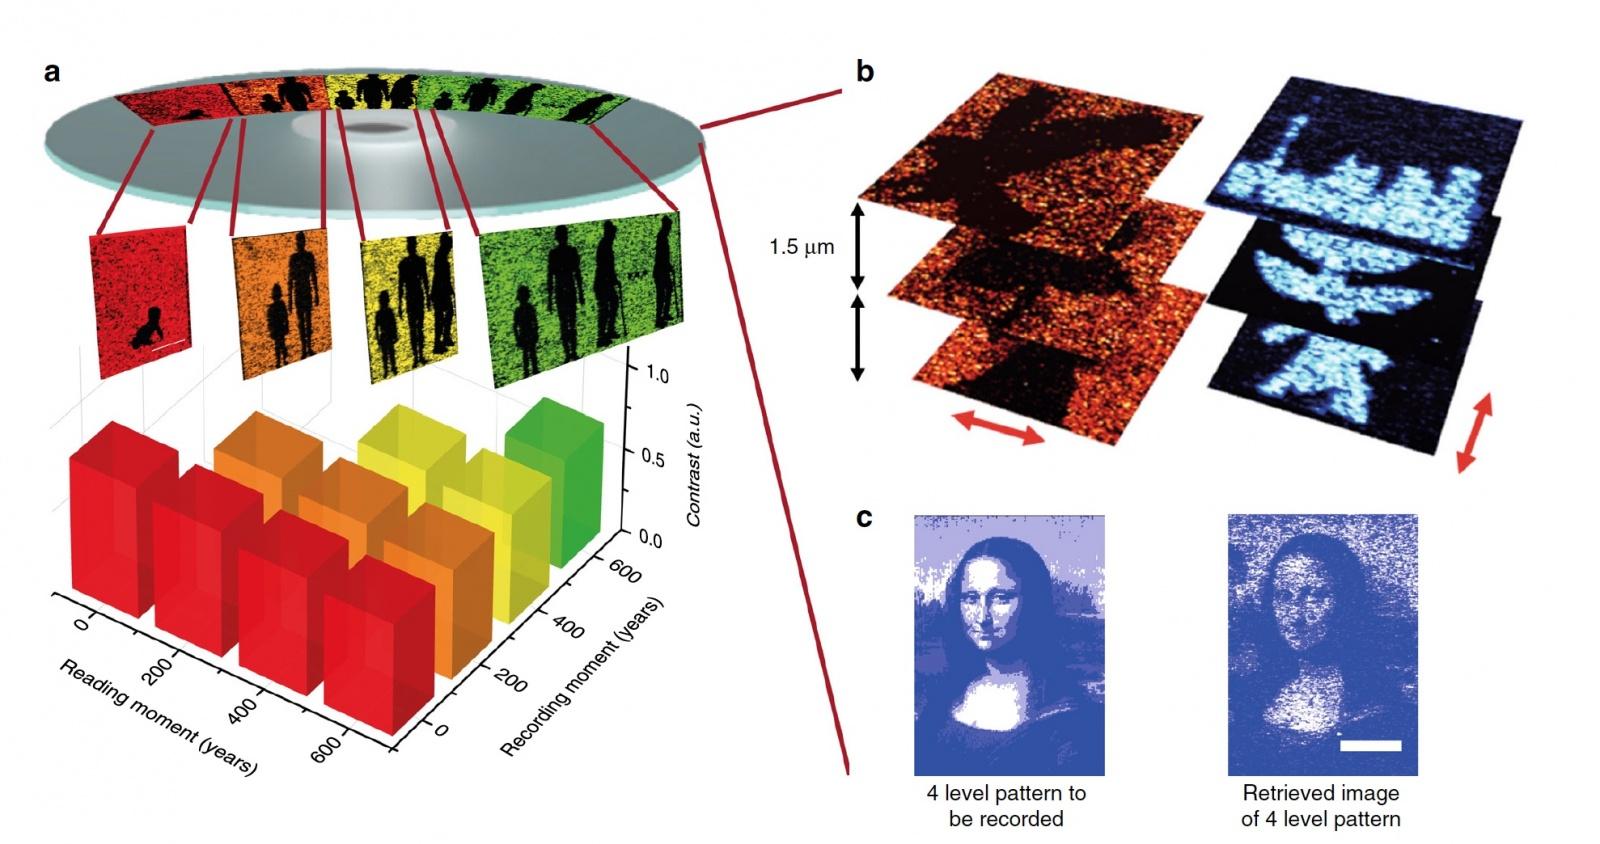 Возможное будущее оптических носителей: 10 ТБ, 600 лет, один диск - 6